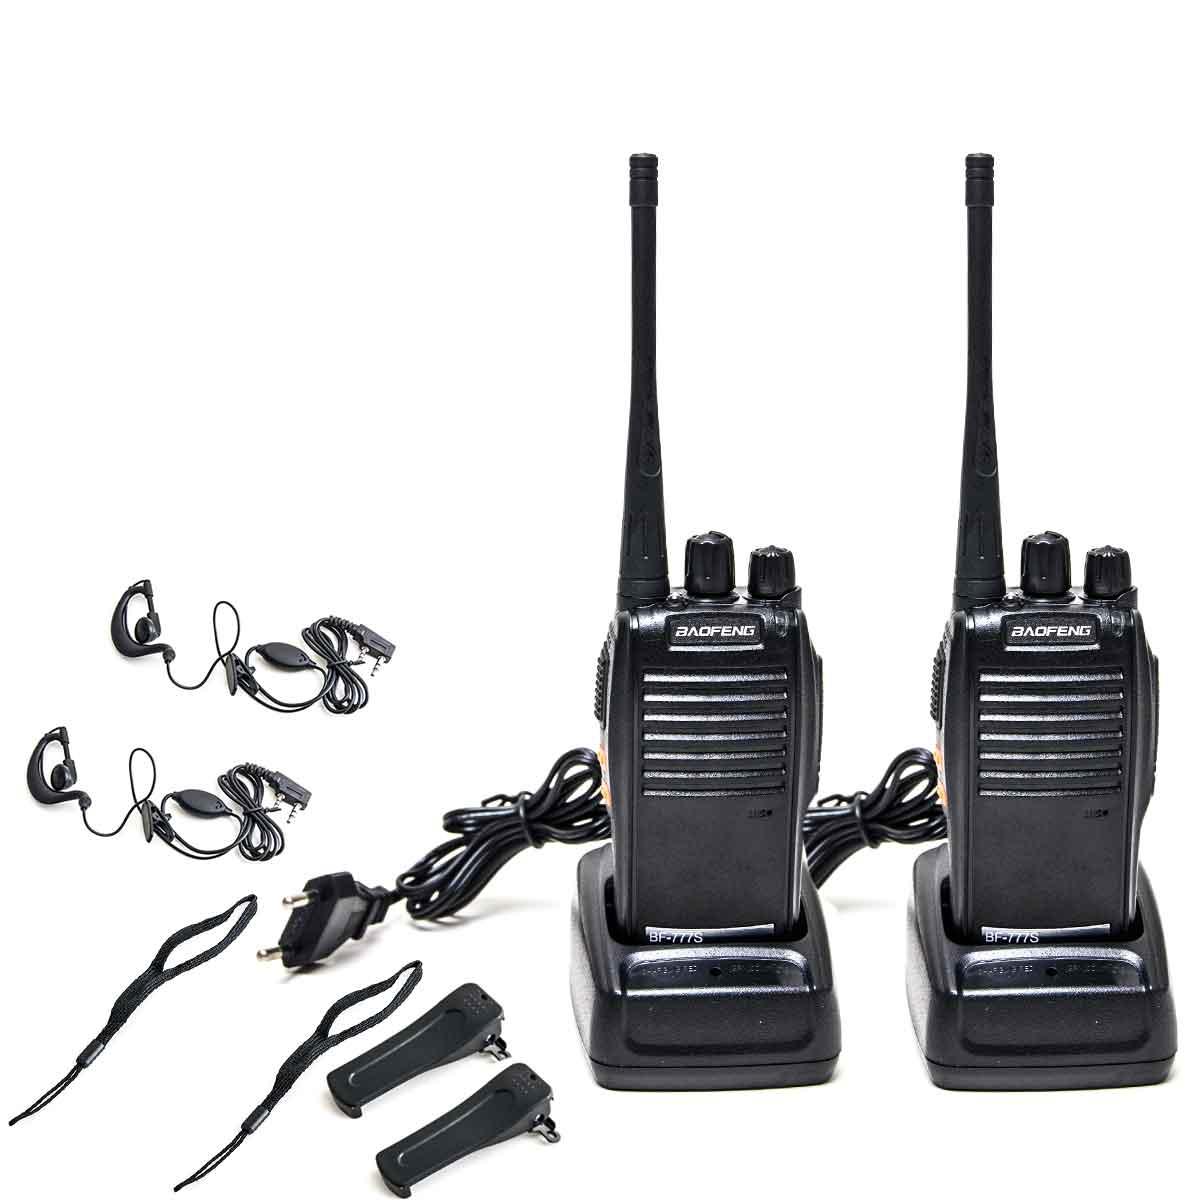 Kit 2 Rádio Comunicador Walk Talk Baofeng Bf-777s 16 Canais